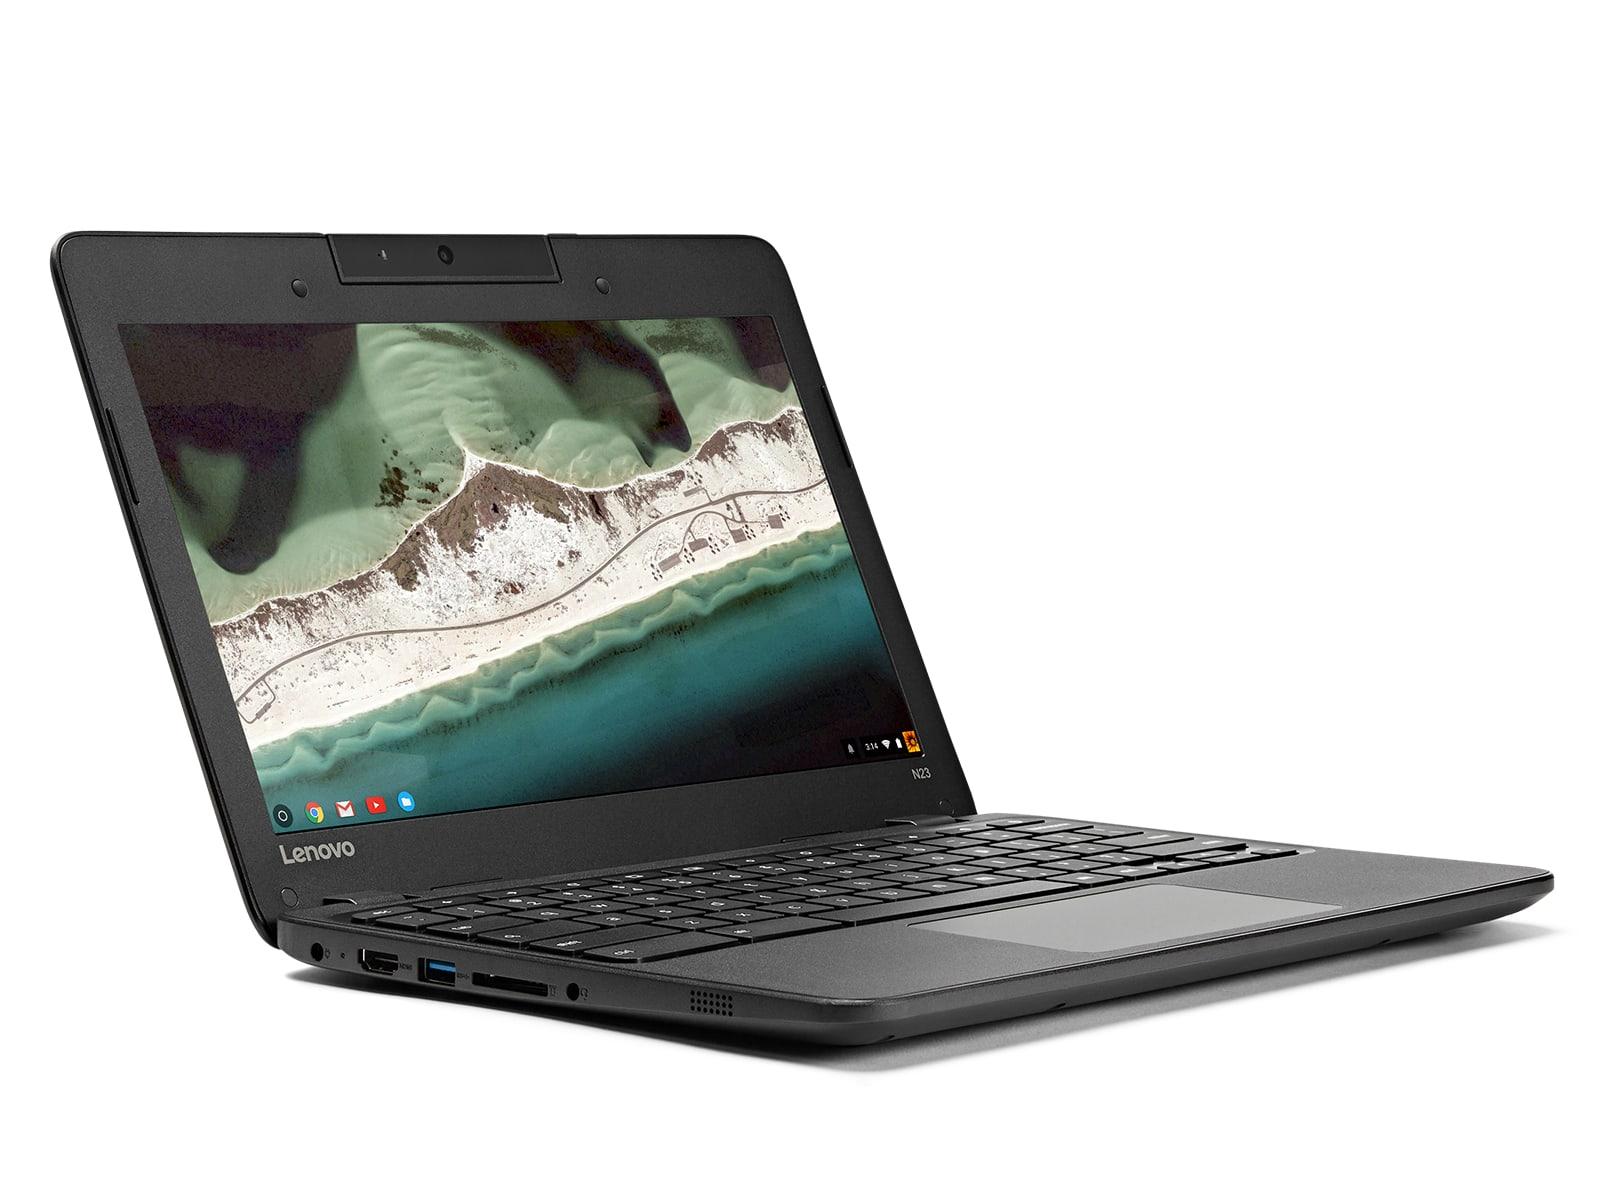 Lenovo N23 Chromebook Google Chromebooks